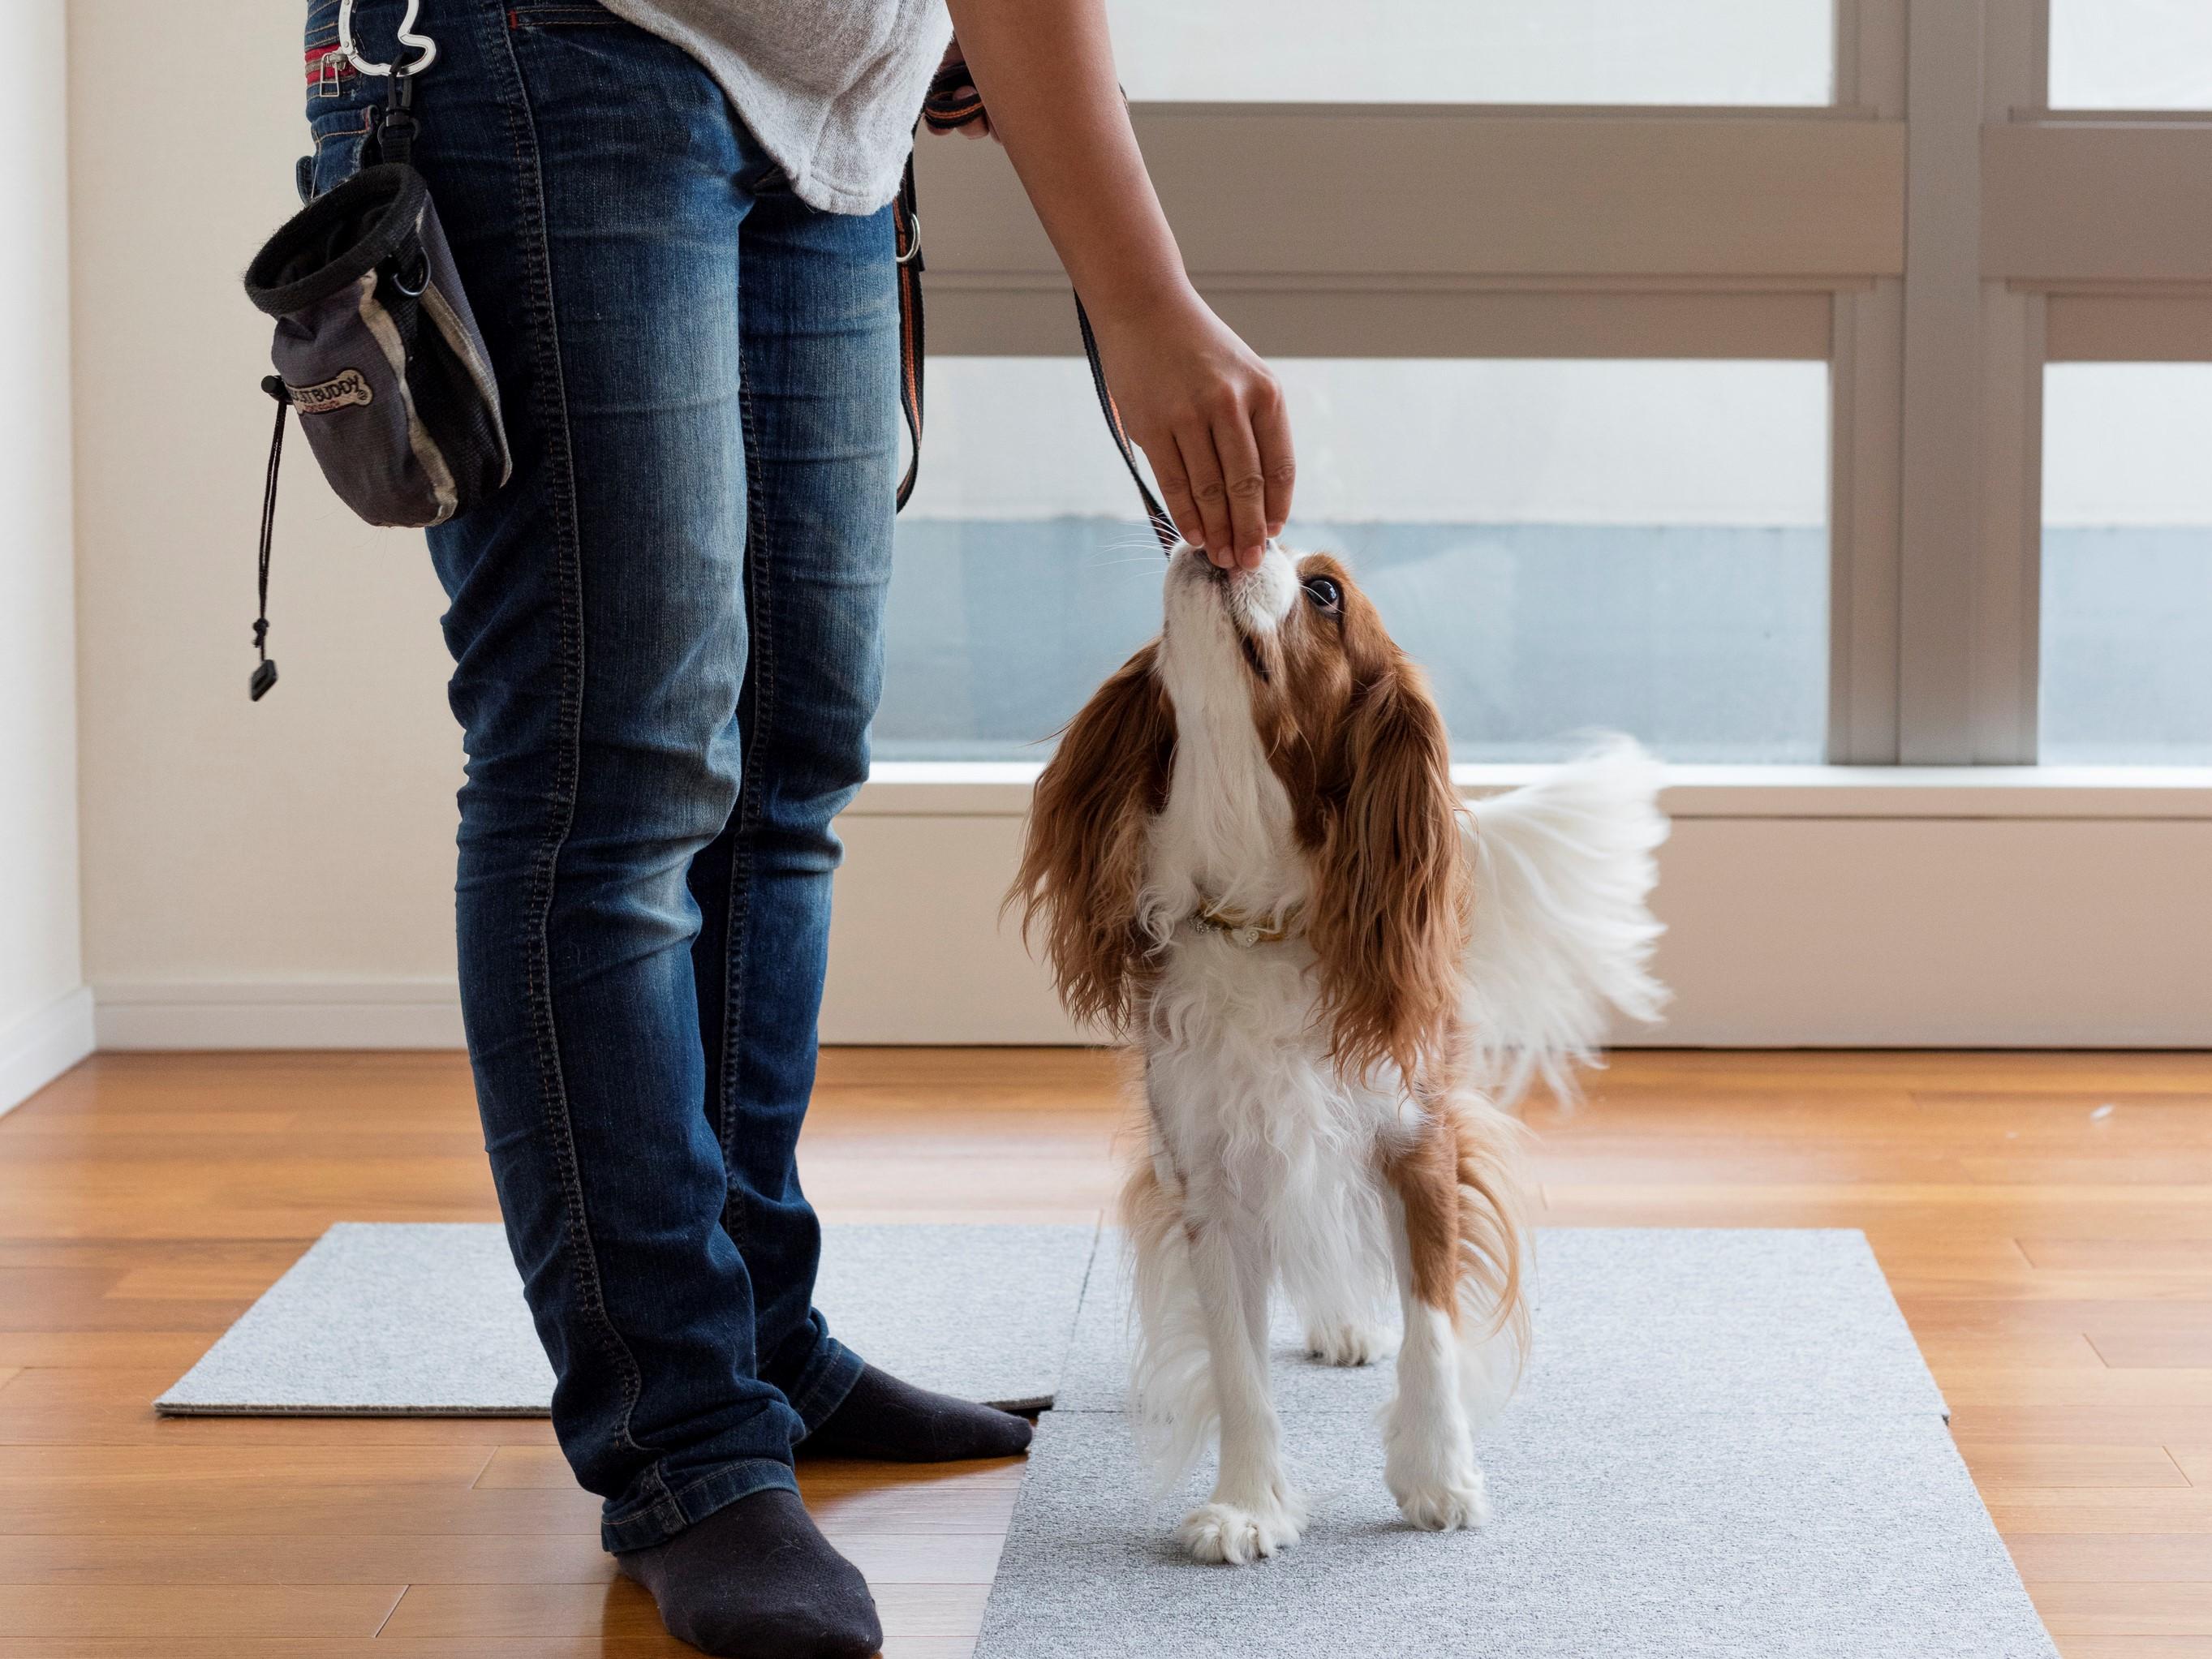 拾い食いをしないように家で散歩の練習をする犬